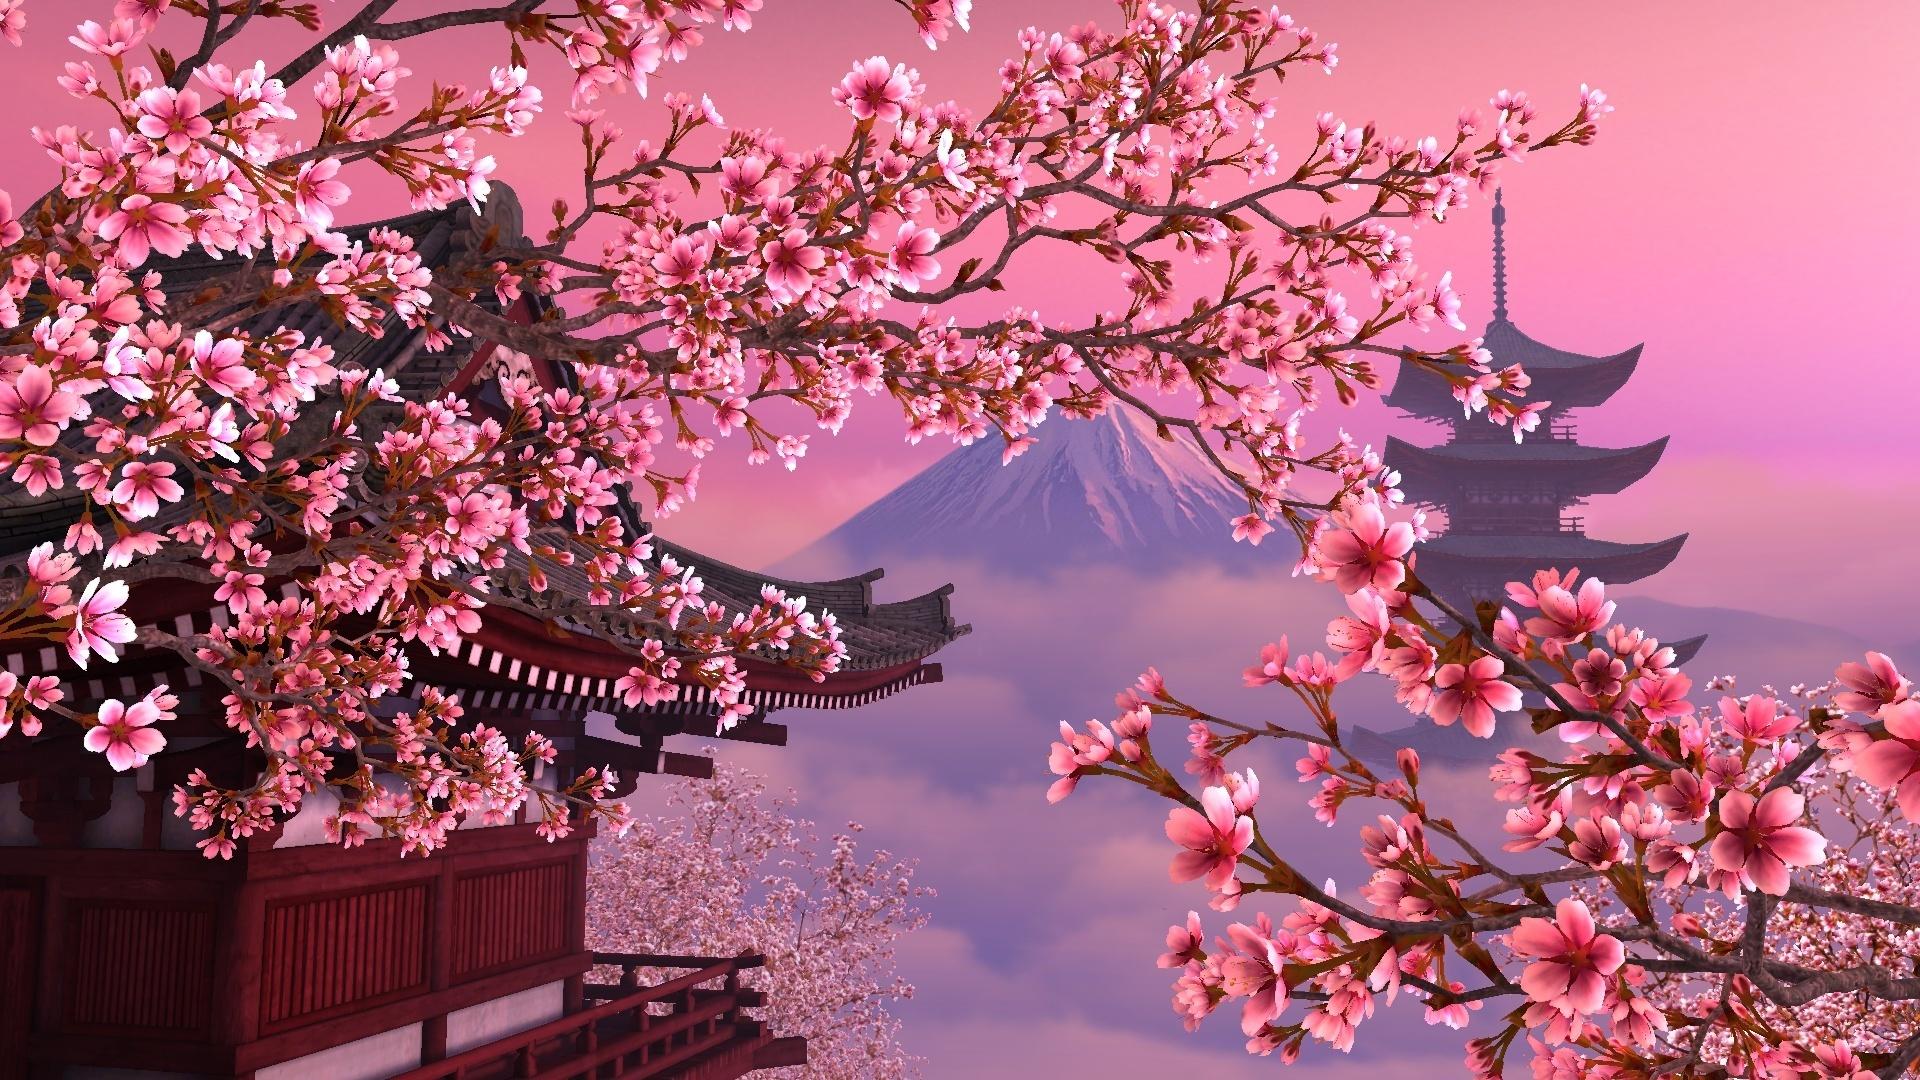 Постер цветы сакура